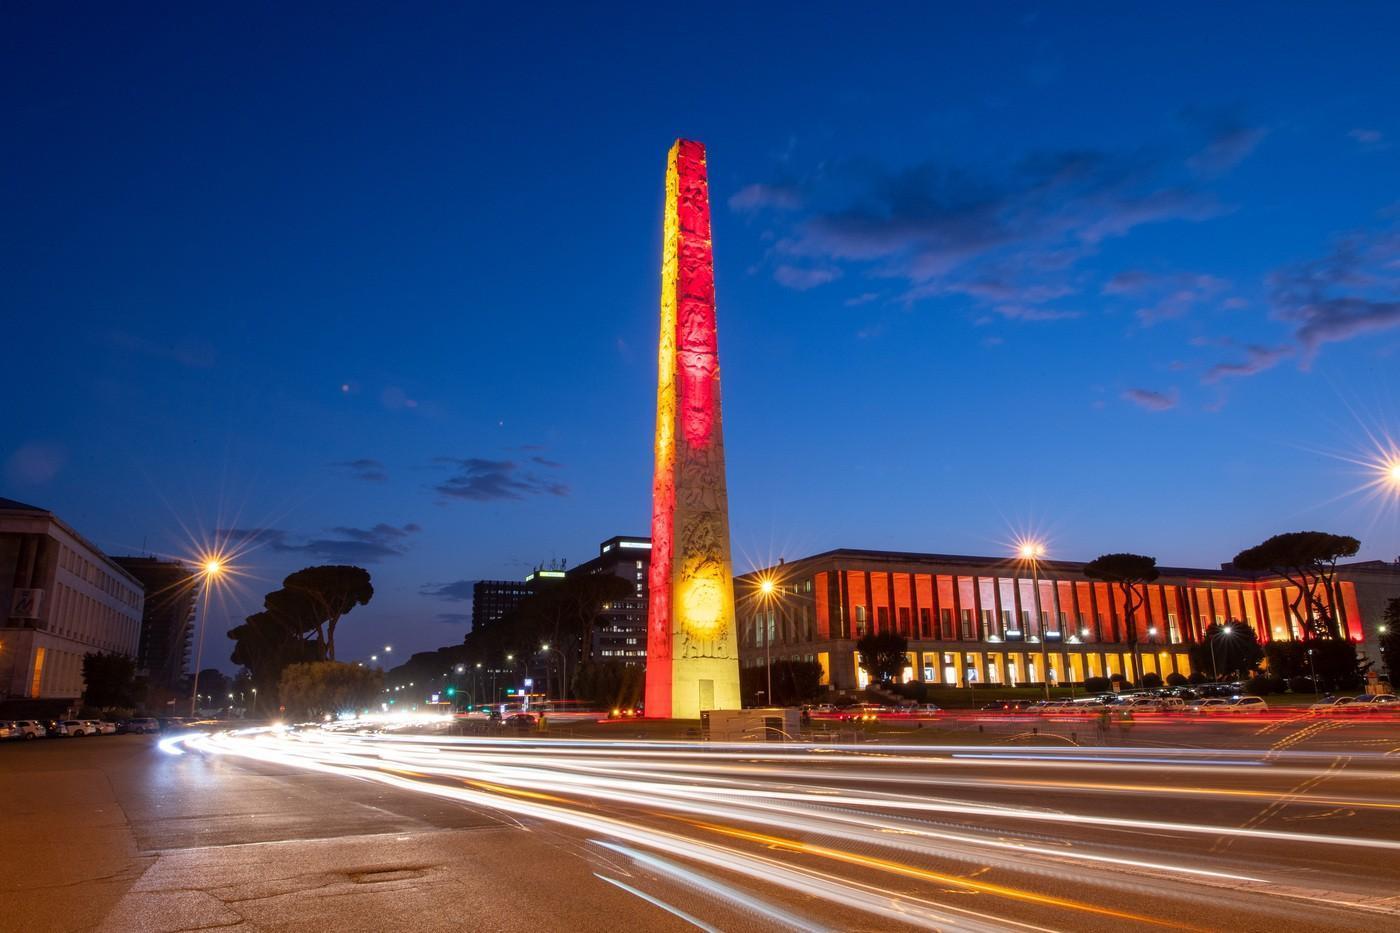 La roma presenta la nuova sede dell 39 eur partecipano for Uffici eur roma